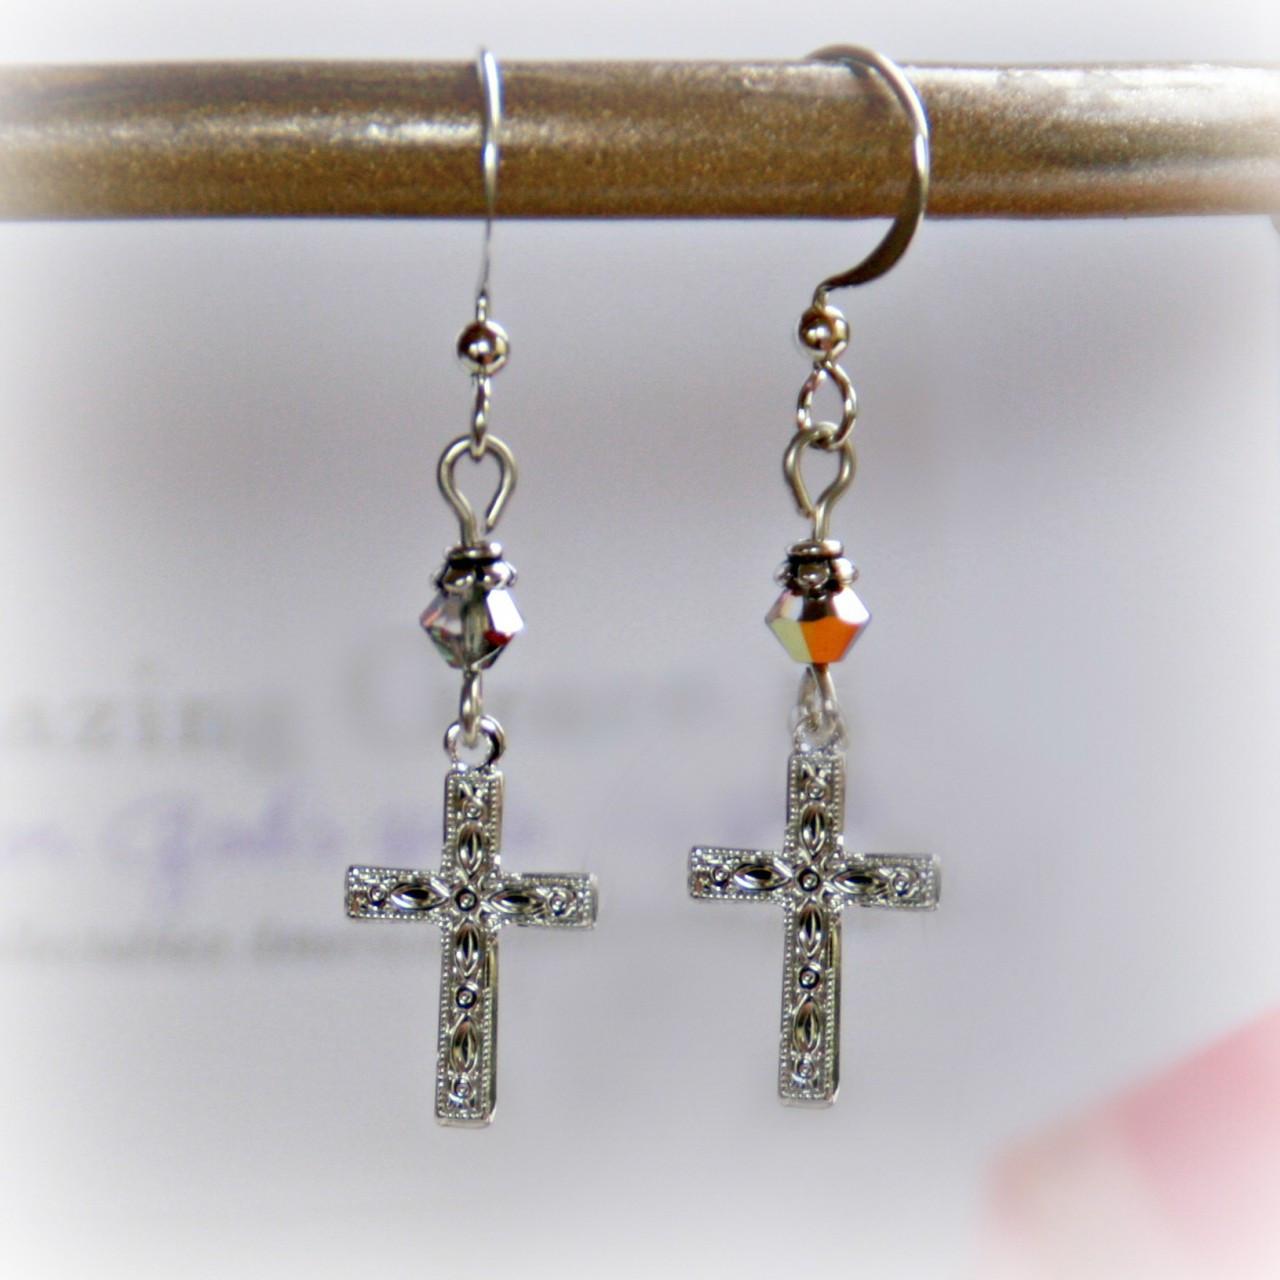 GG-18  Amazing Grace Engraved Cross Earrings